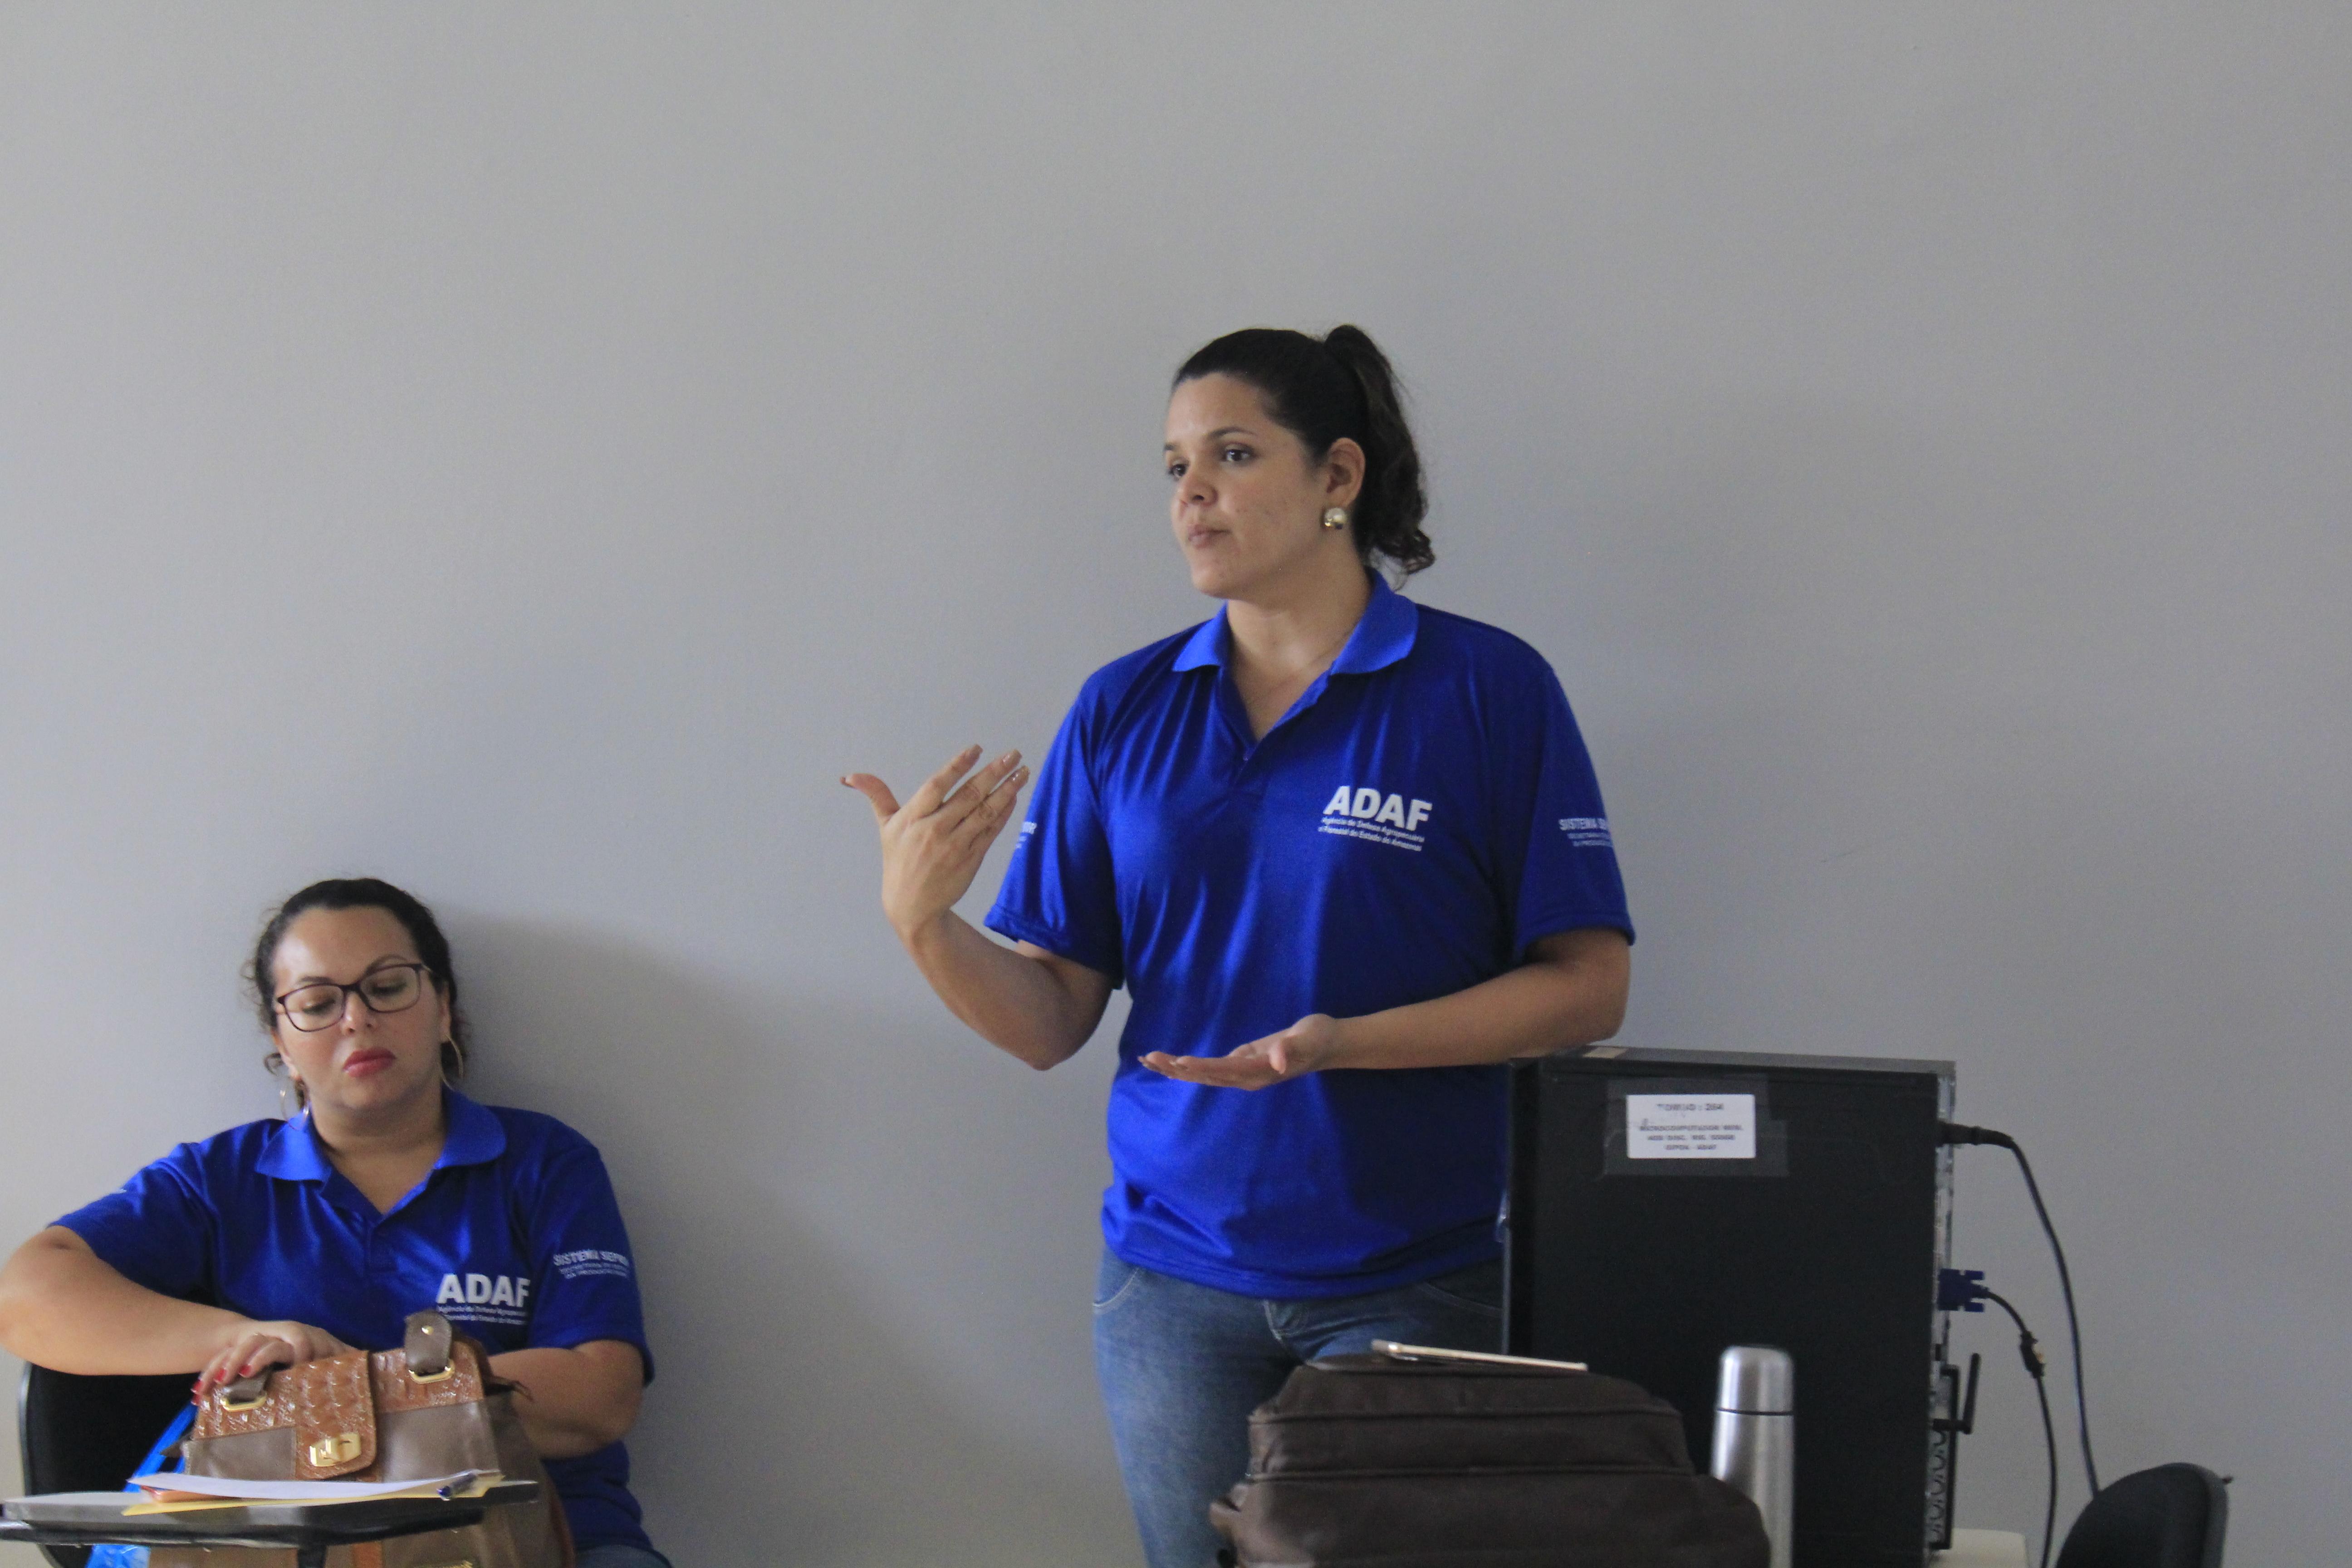 Adaf traz dicas sobre o processo de inspeção de alimentos e animais